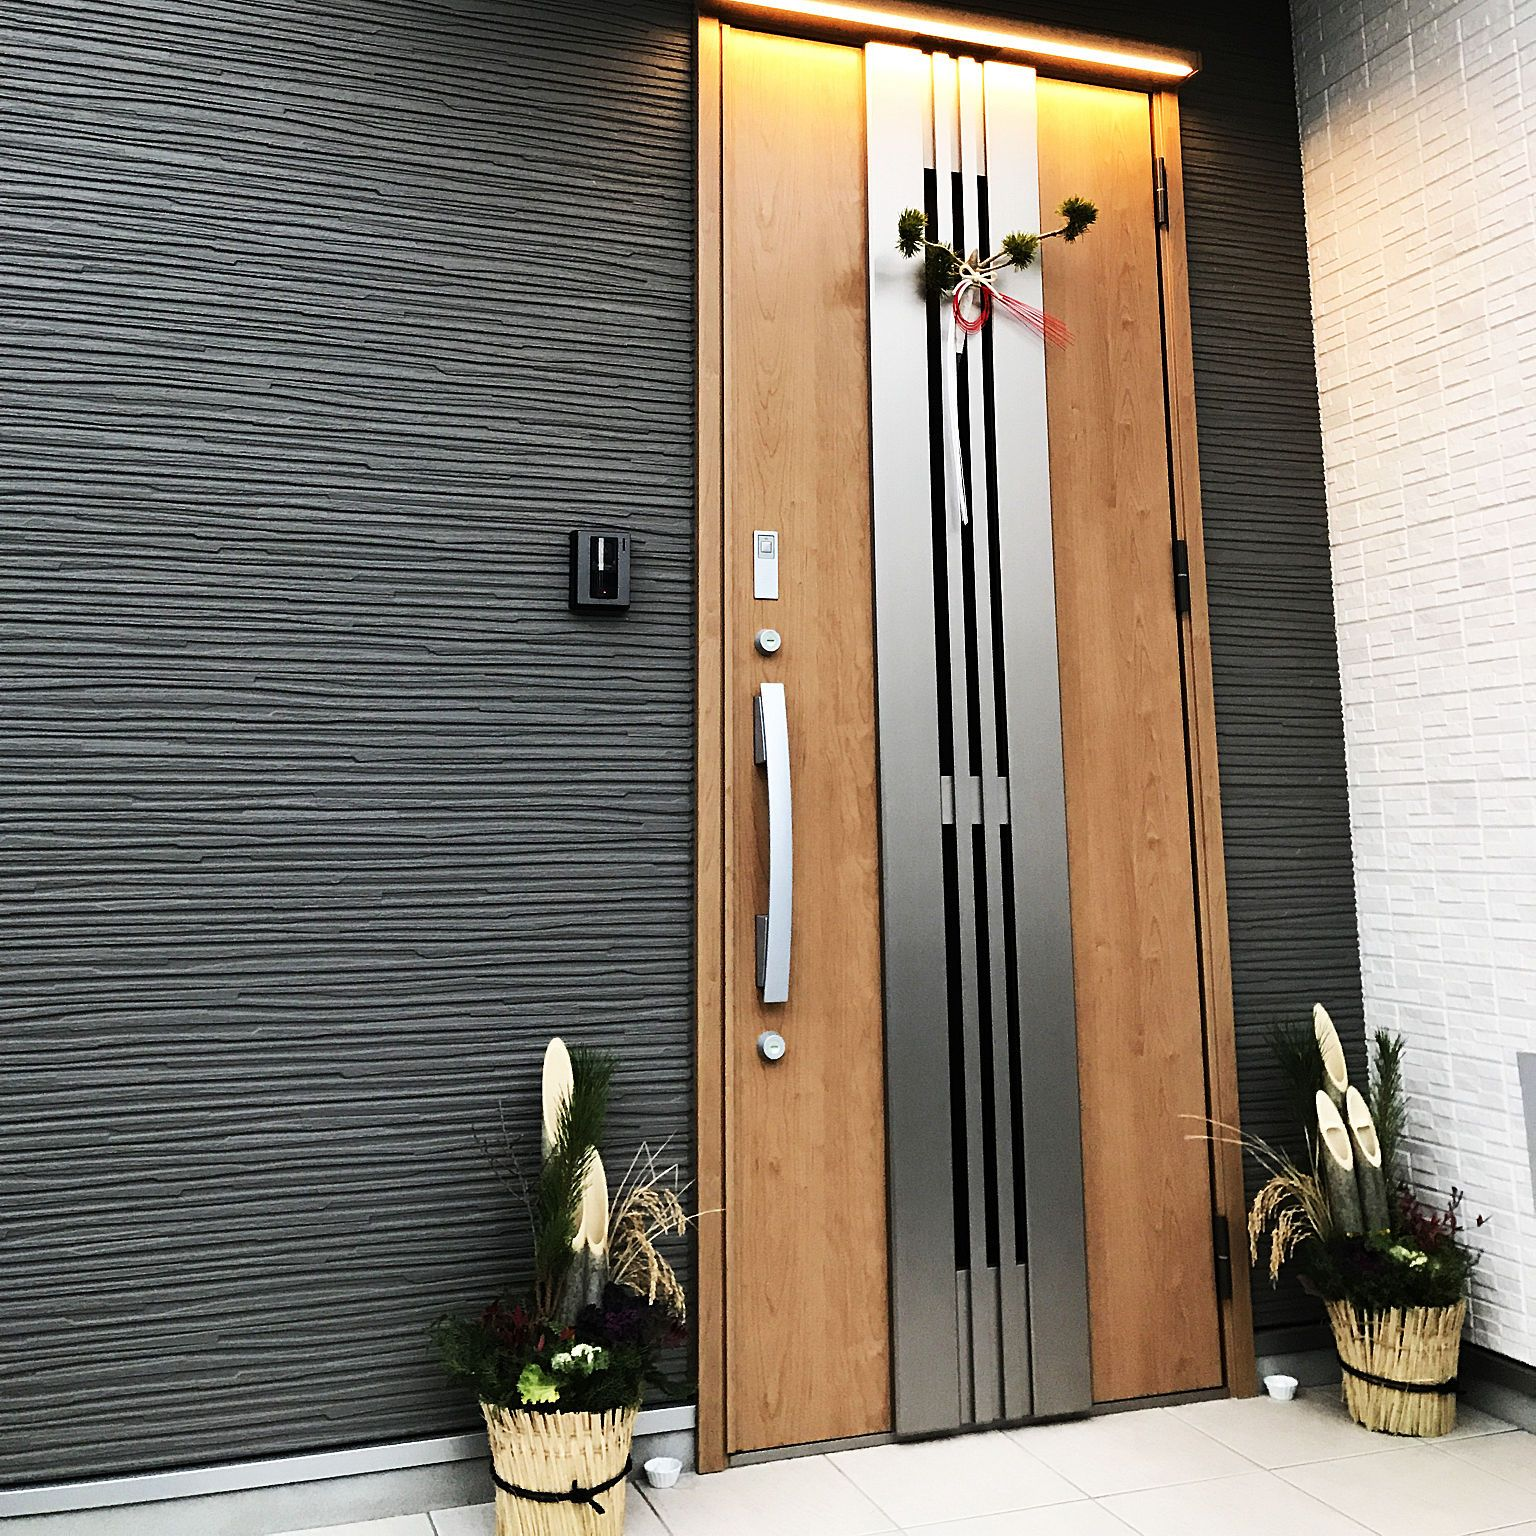 玄関 入り口 お正月 Lixil玄関ドア リクシル 玄関扉 などのインテリア実例 2017 12 29 17 04 02 Roomclip ルームクリップ 玄関 玄関扉 玄関ドア